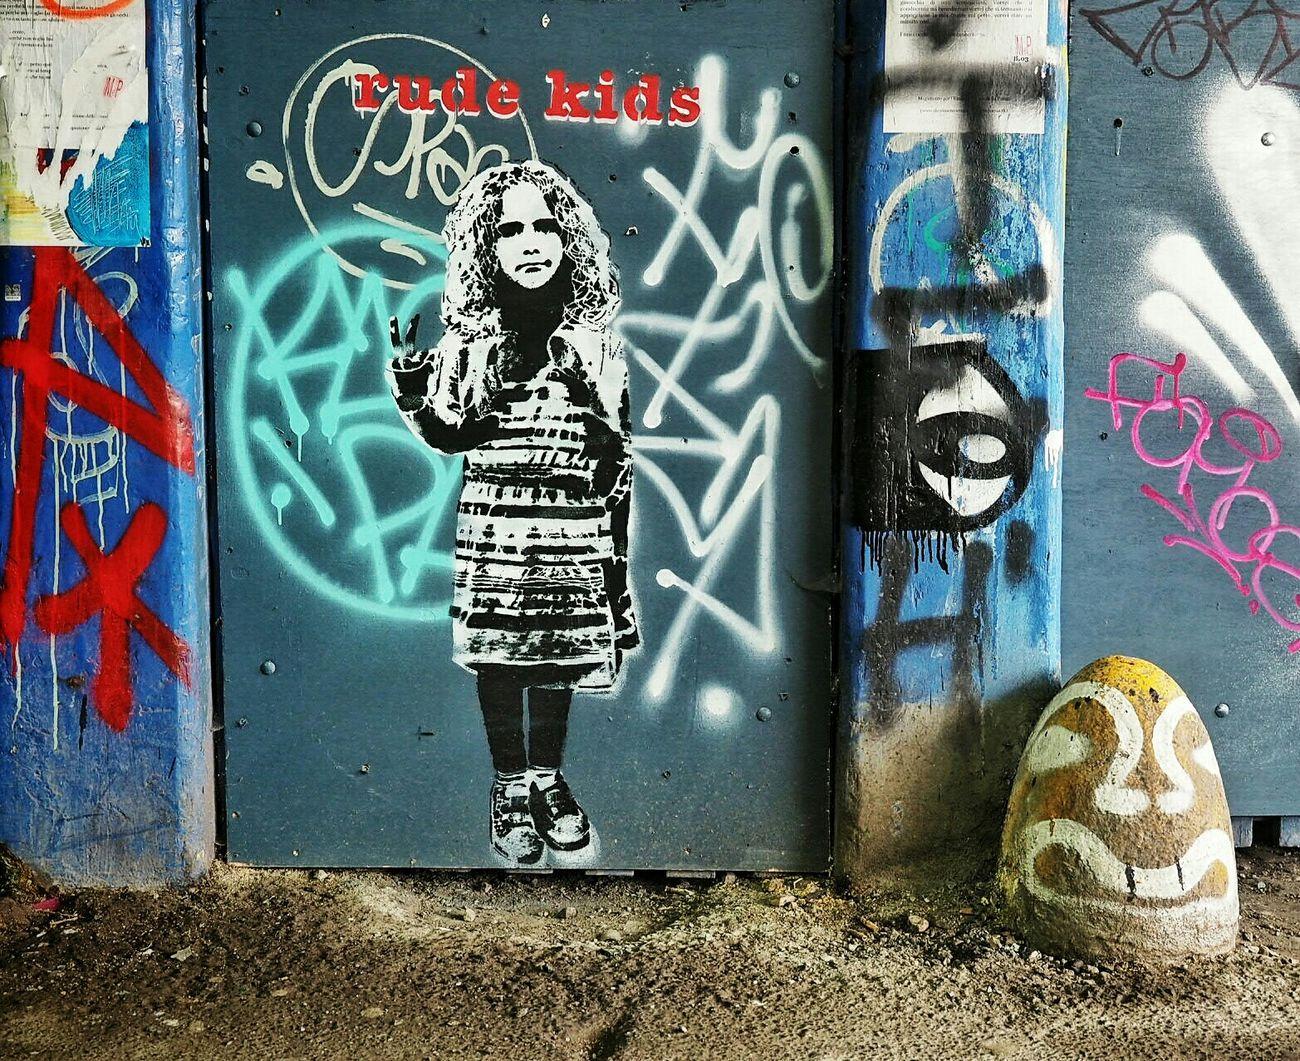 East End graffiti London East London Graffiti Graffiti Art LdnGraff